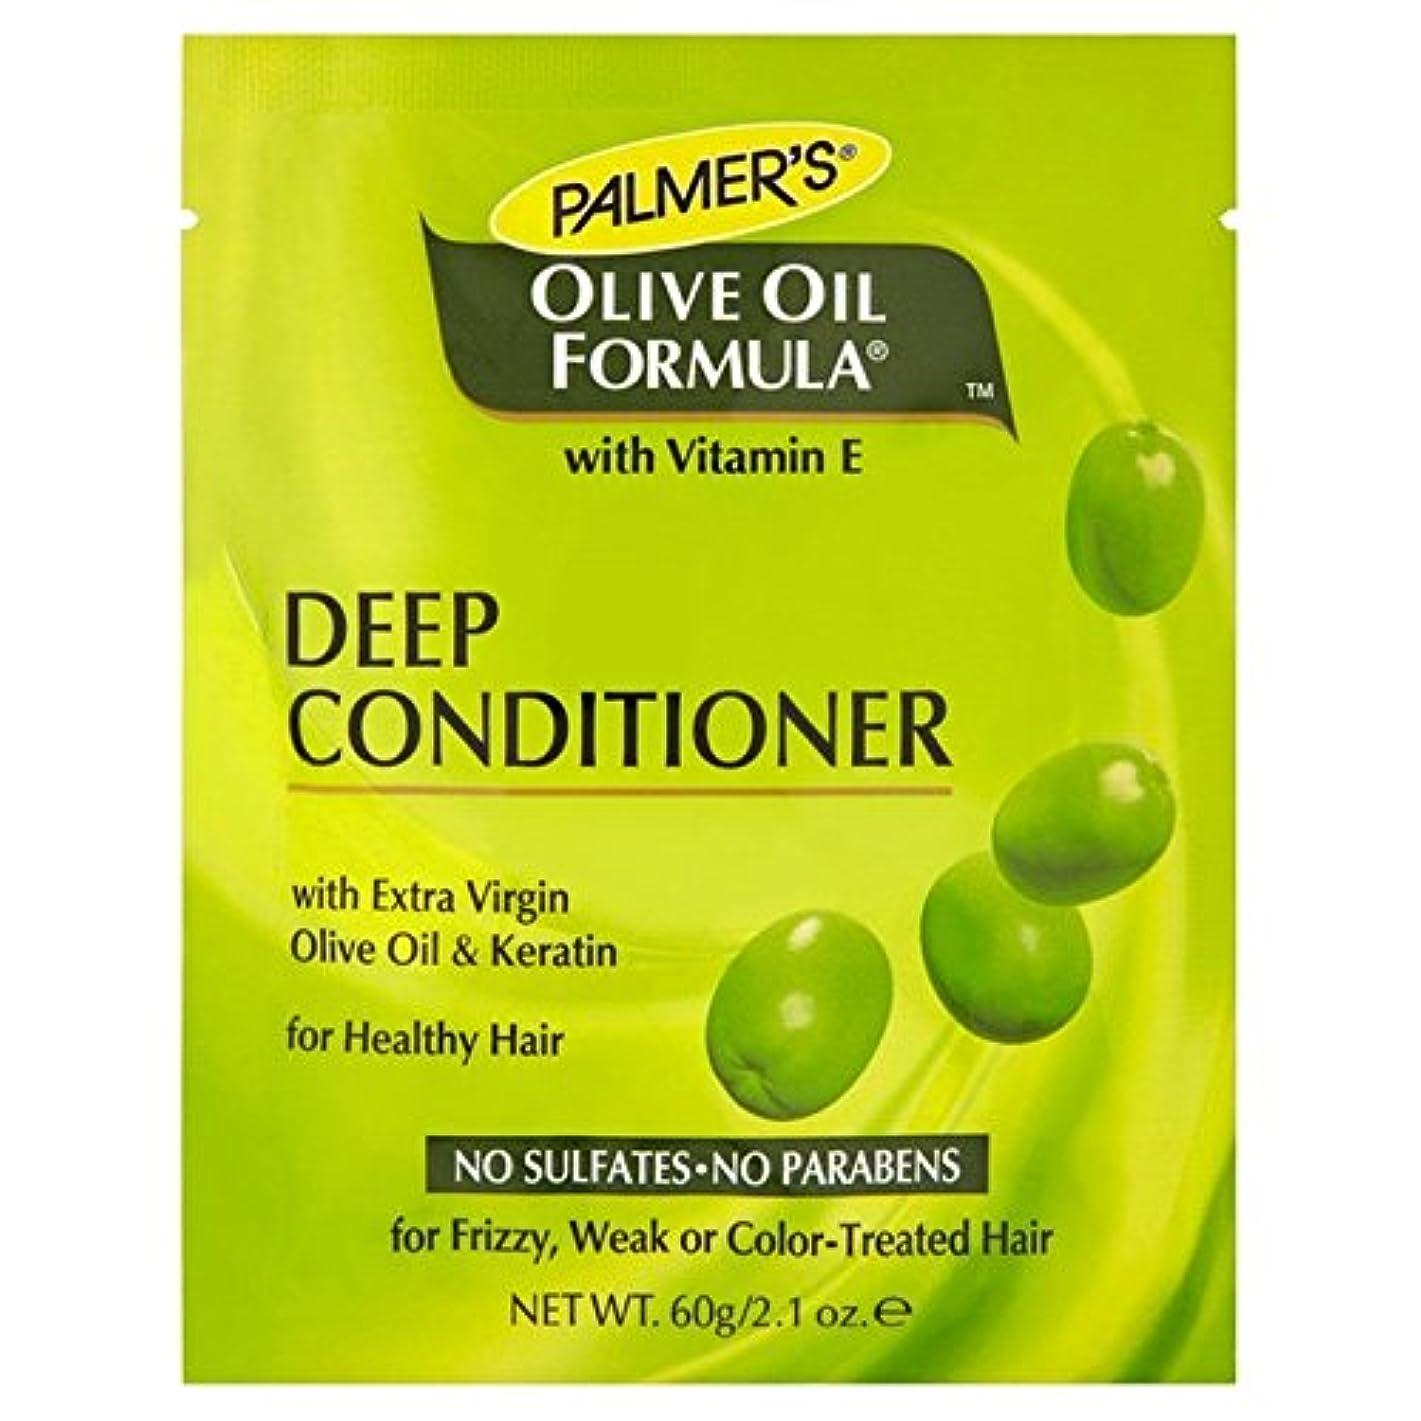 導出役に立つ創傷Palmer's Olive Oil Formula Deep Conditioner Protein Pack 60g - パーマーのオリーブオイル式深いコンディショナータンパク質パック60グラム [並行輸入品]